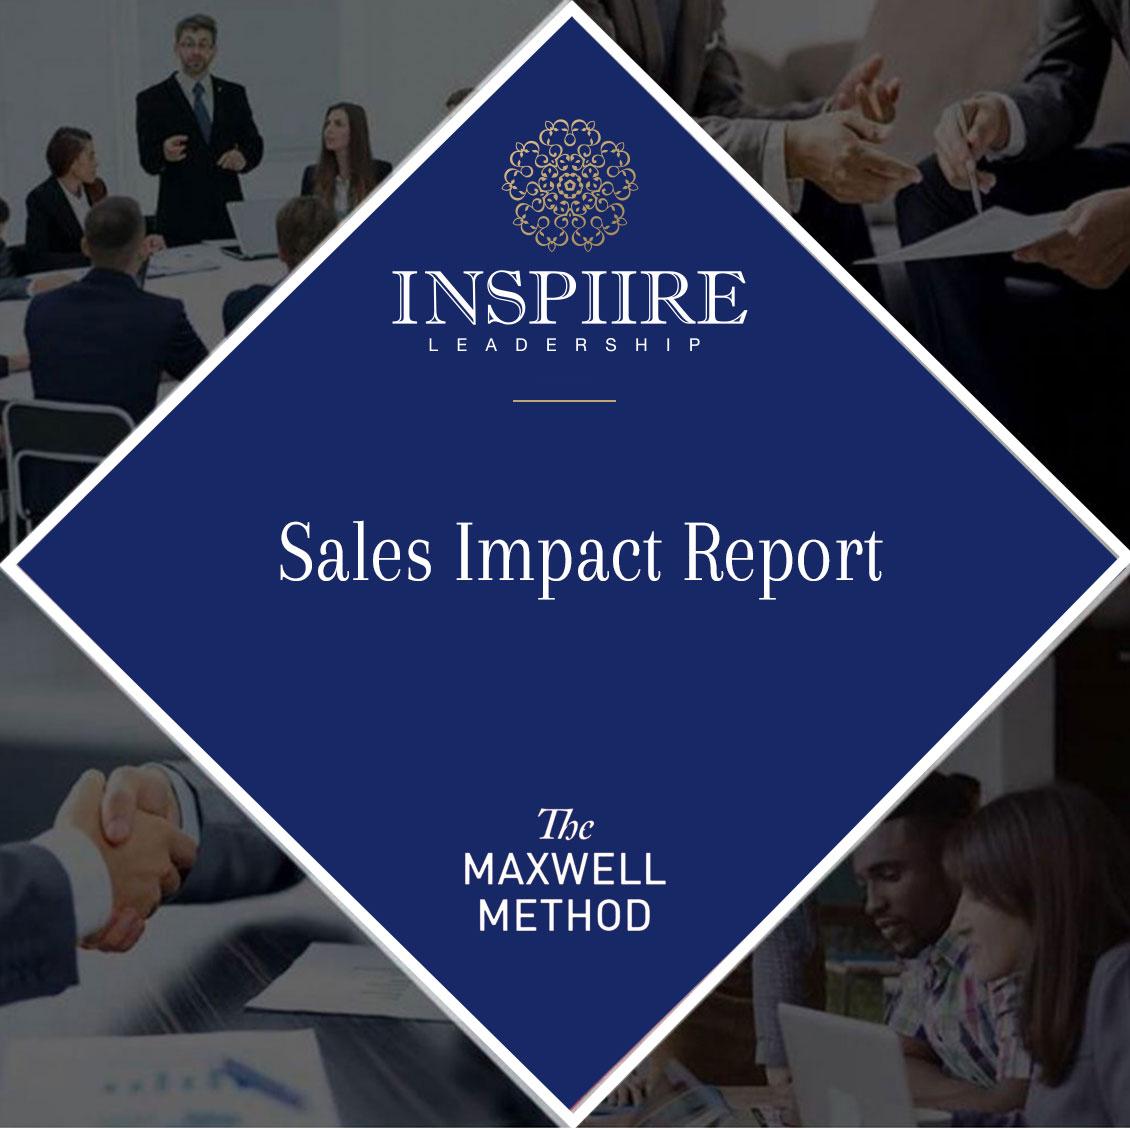 John-Maxwell-Sales-Impact-Report-Shellinda-Miller